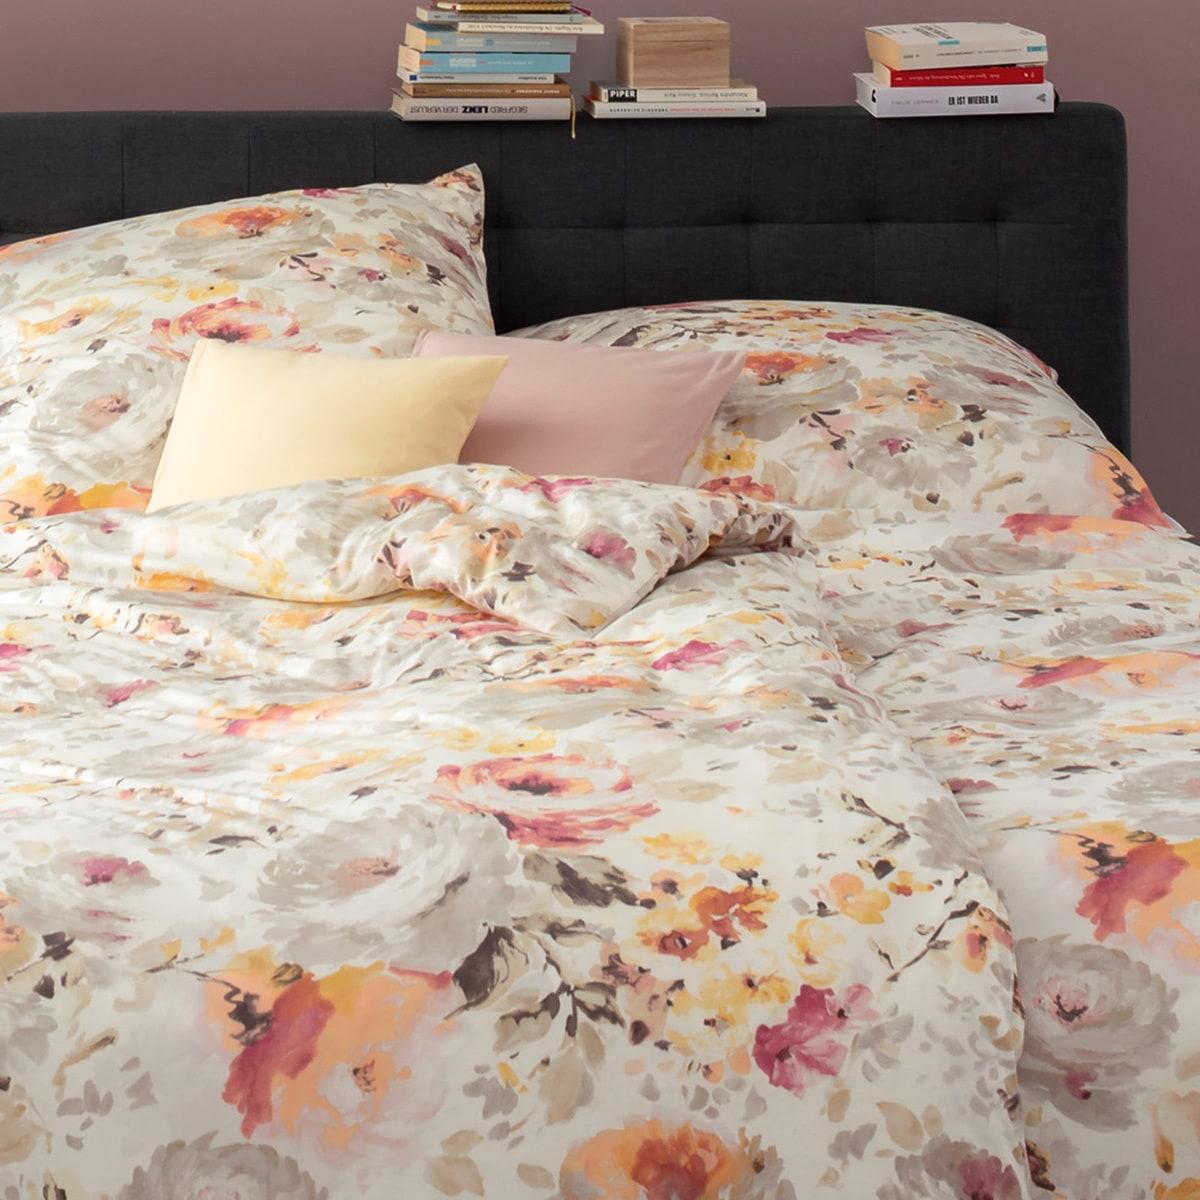 estella mako interlock jersey bettw sche viola azalee g nstig online kaufen bei bettwaren shop. Black Bedroom Furniture Sets. Home Design Ideas